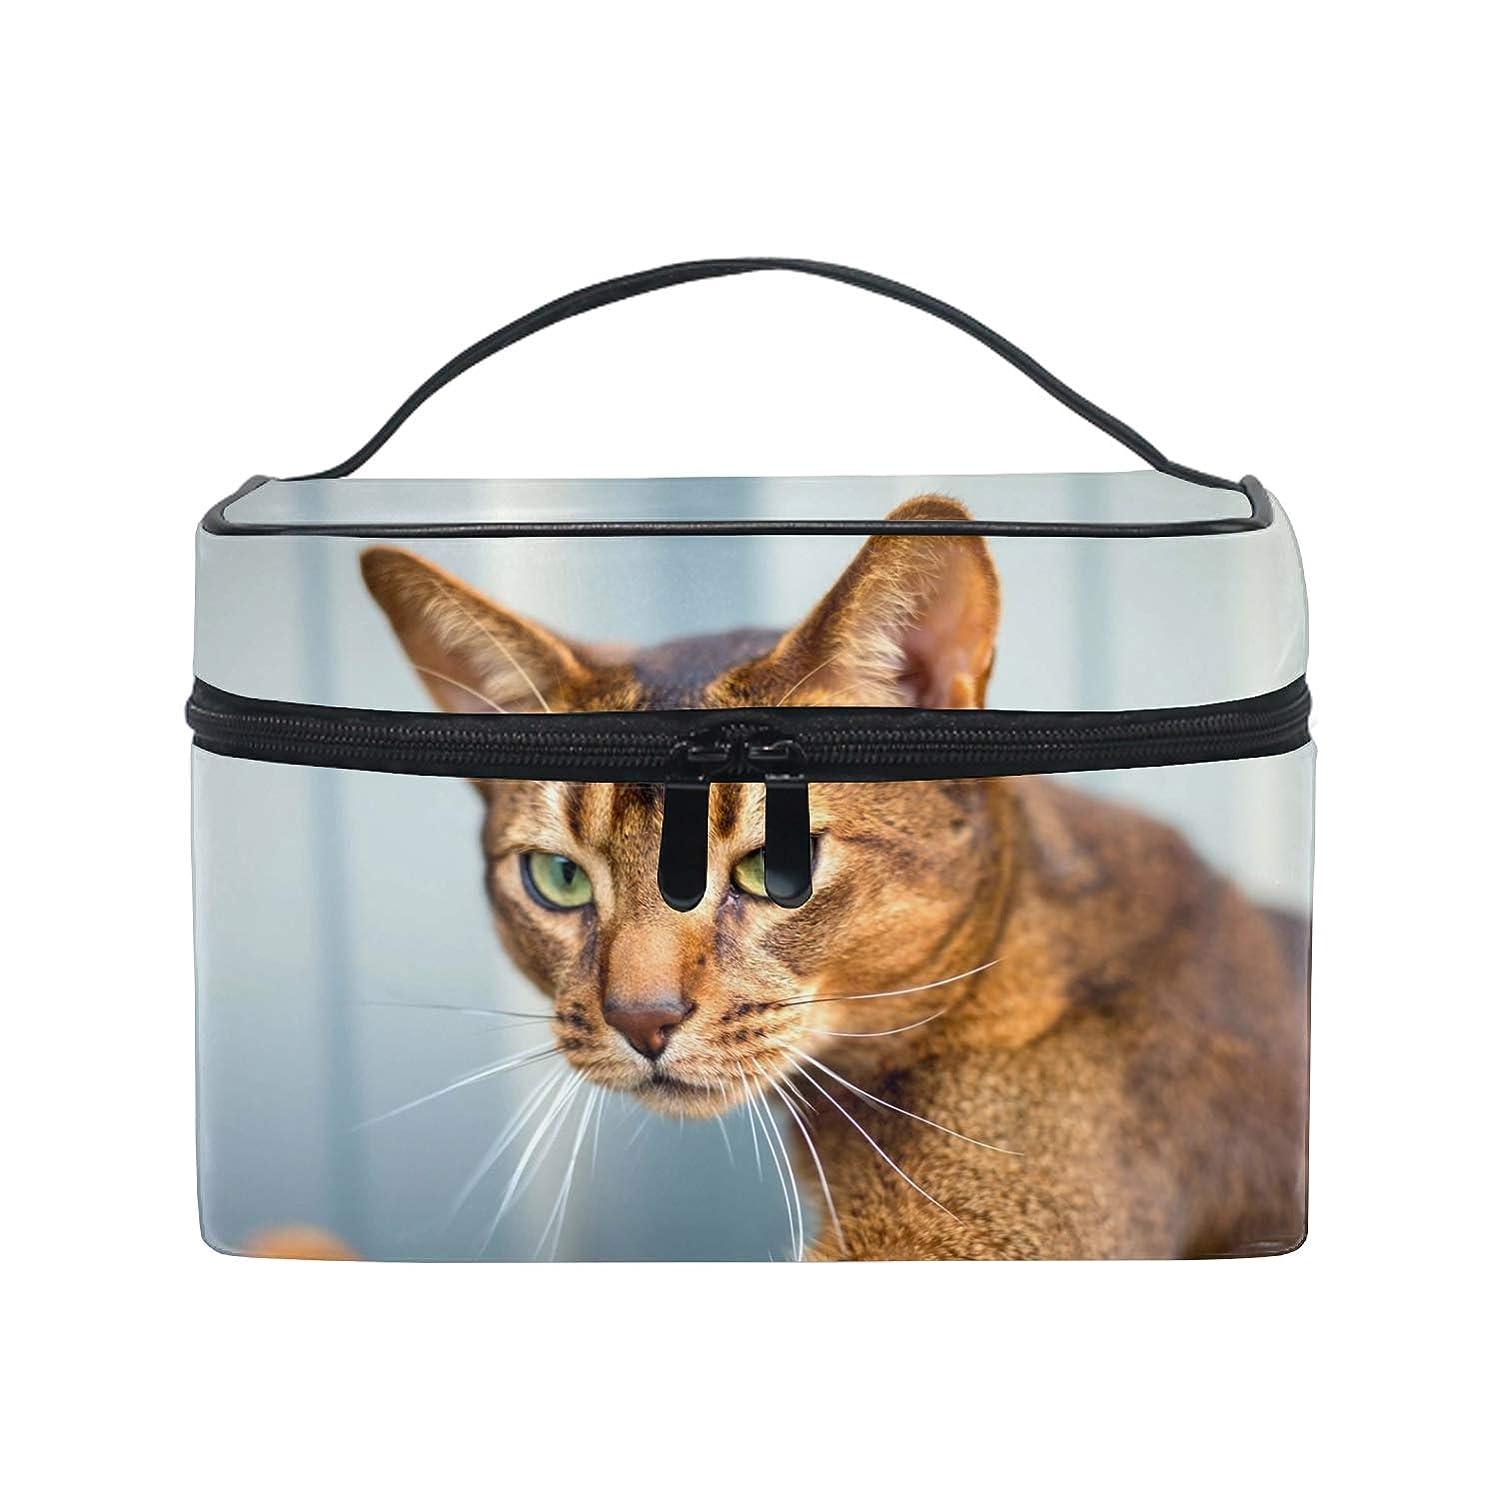 ユニークな介入する共産主義者収納ポーチ 通勤 出張 旅行 大容量 アビシニアン猫のぼかし軽量 携帯 便利